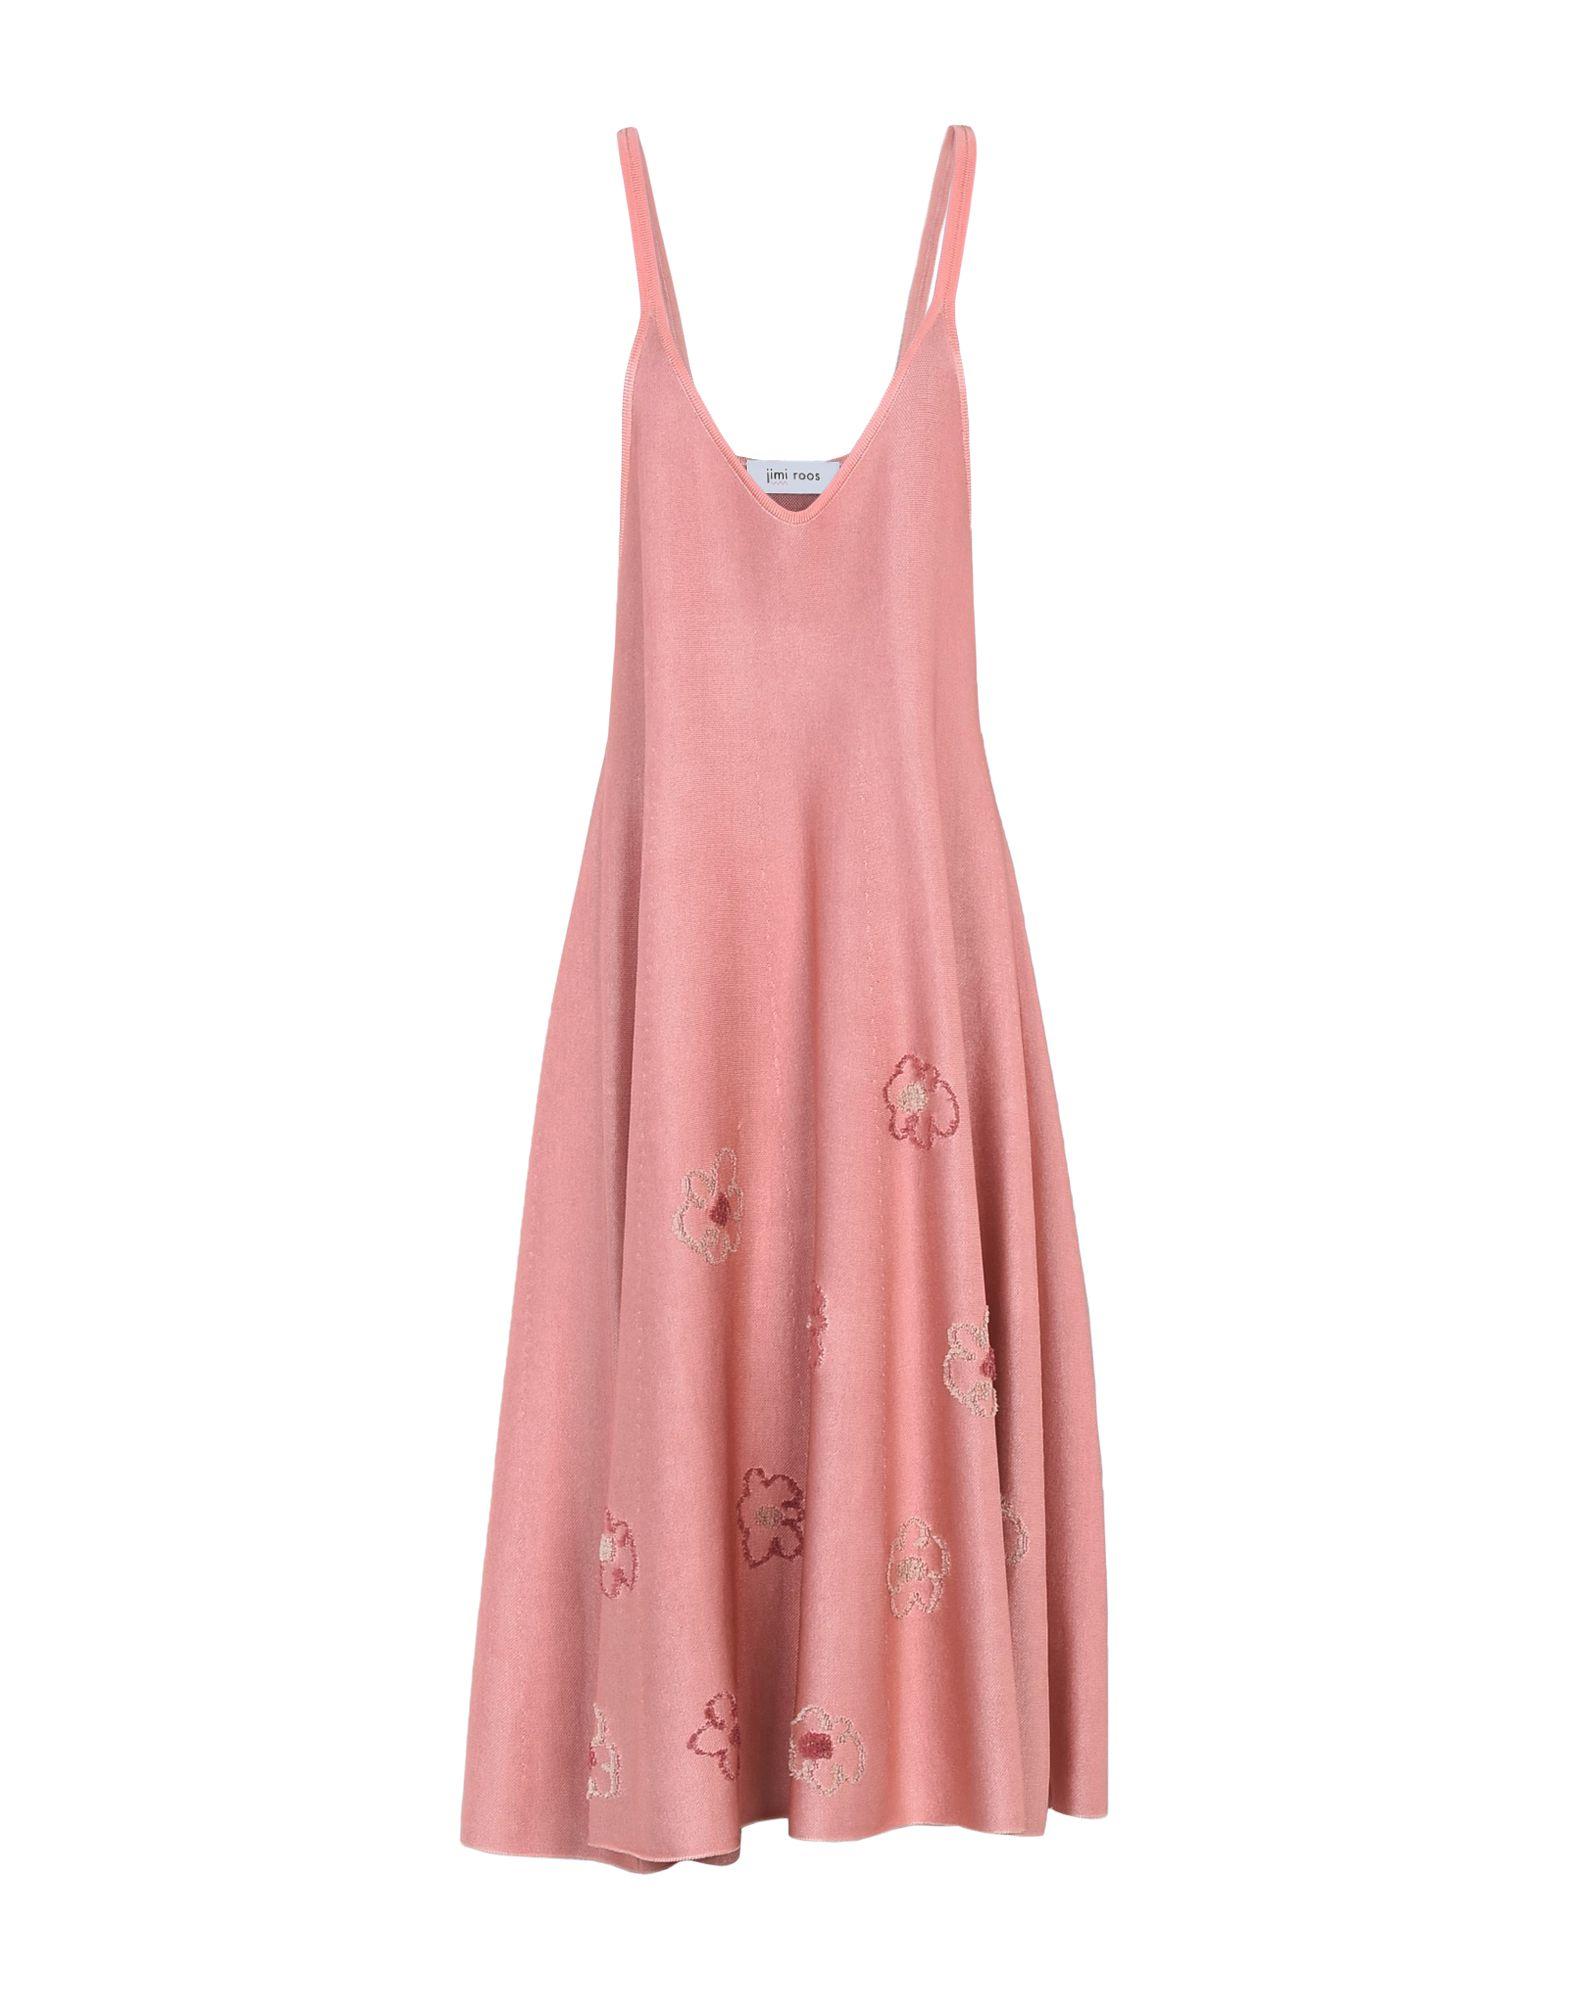 купить JIMI ROOS Платье длиной 3/4 по цене 6700 рублей